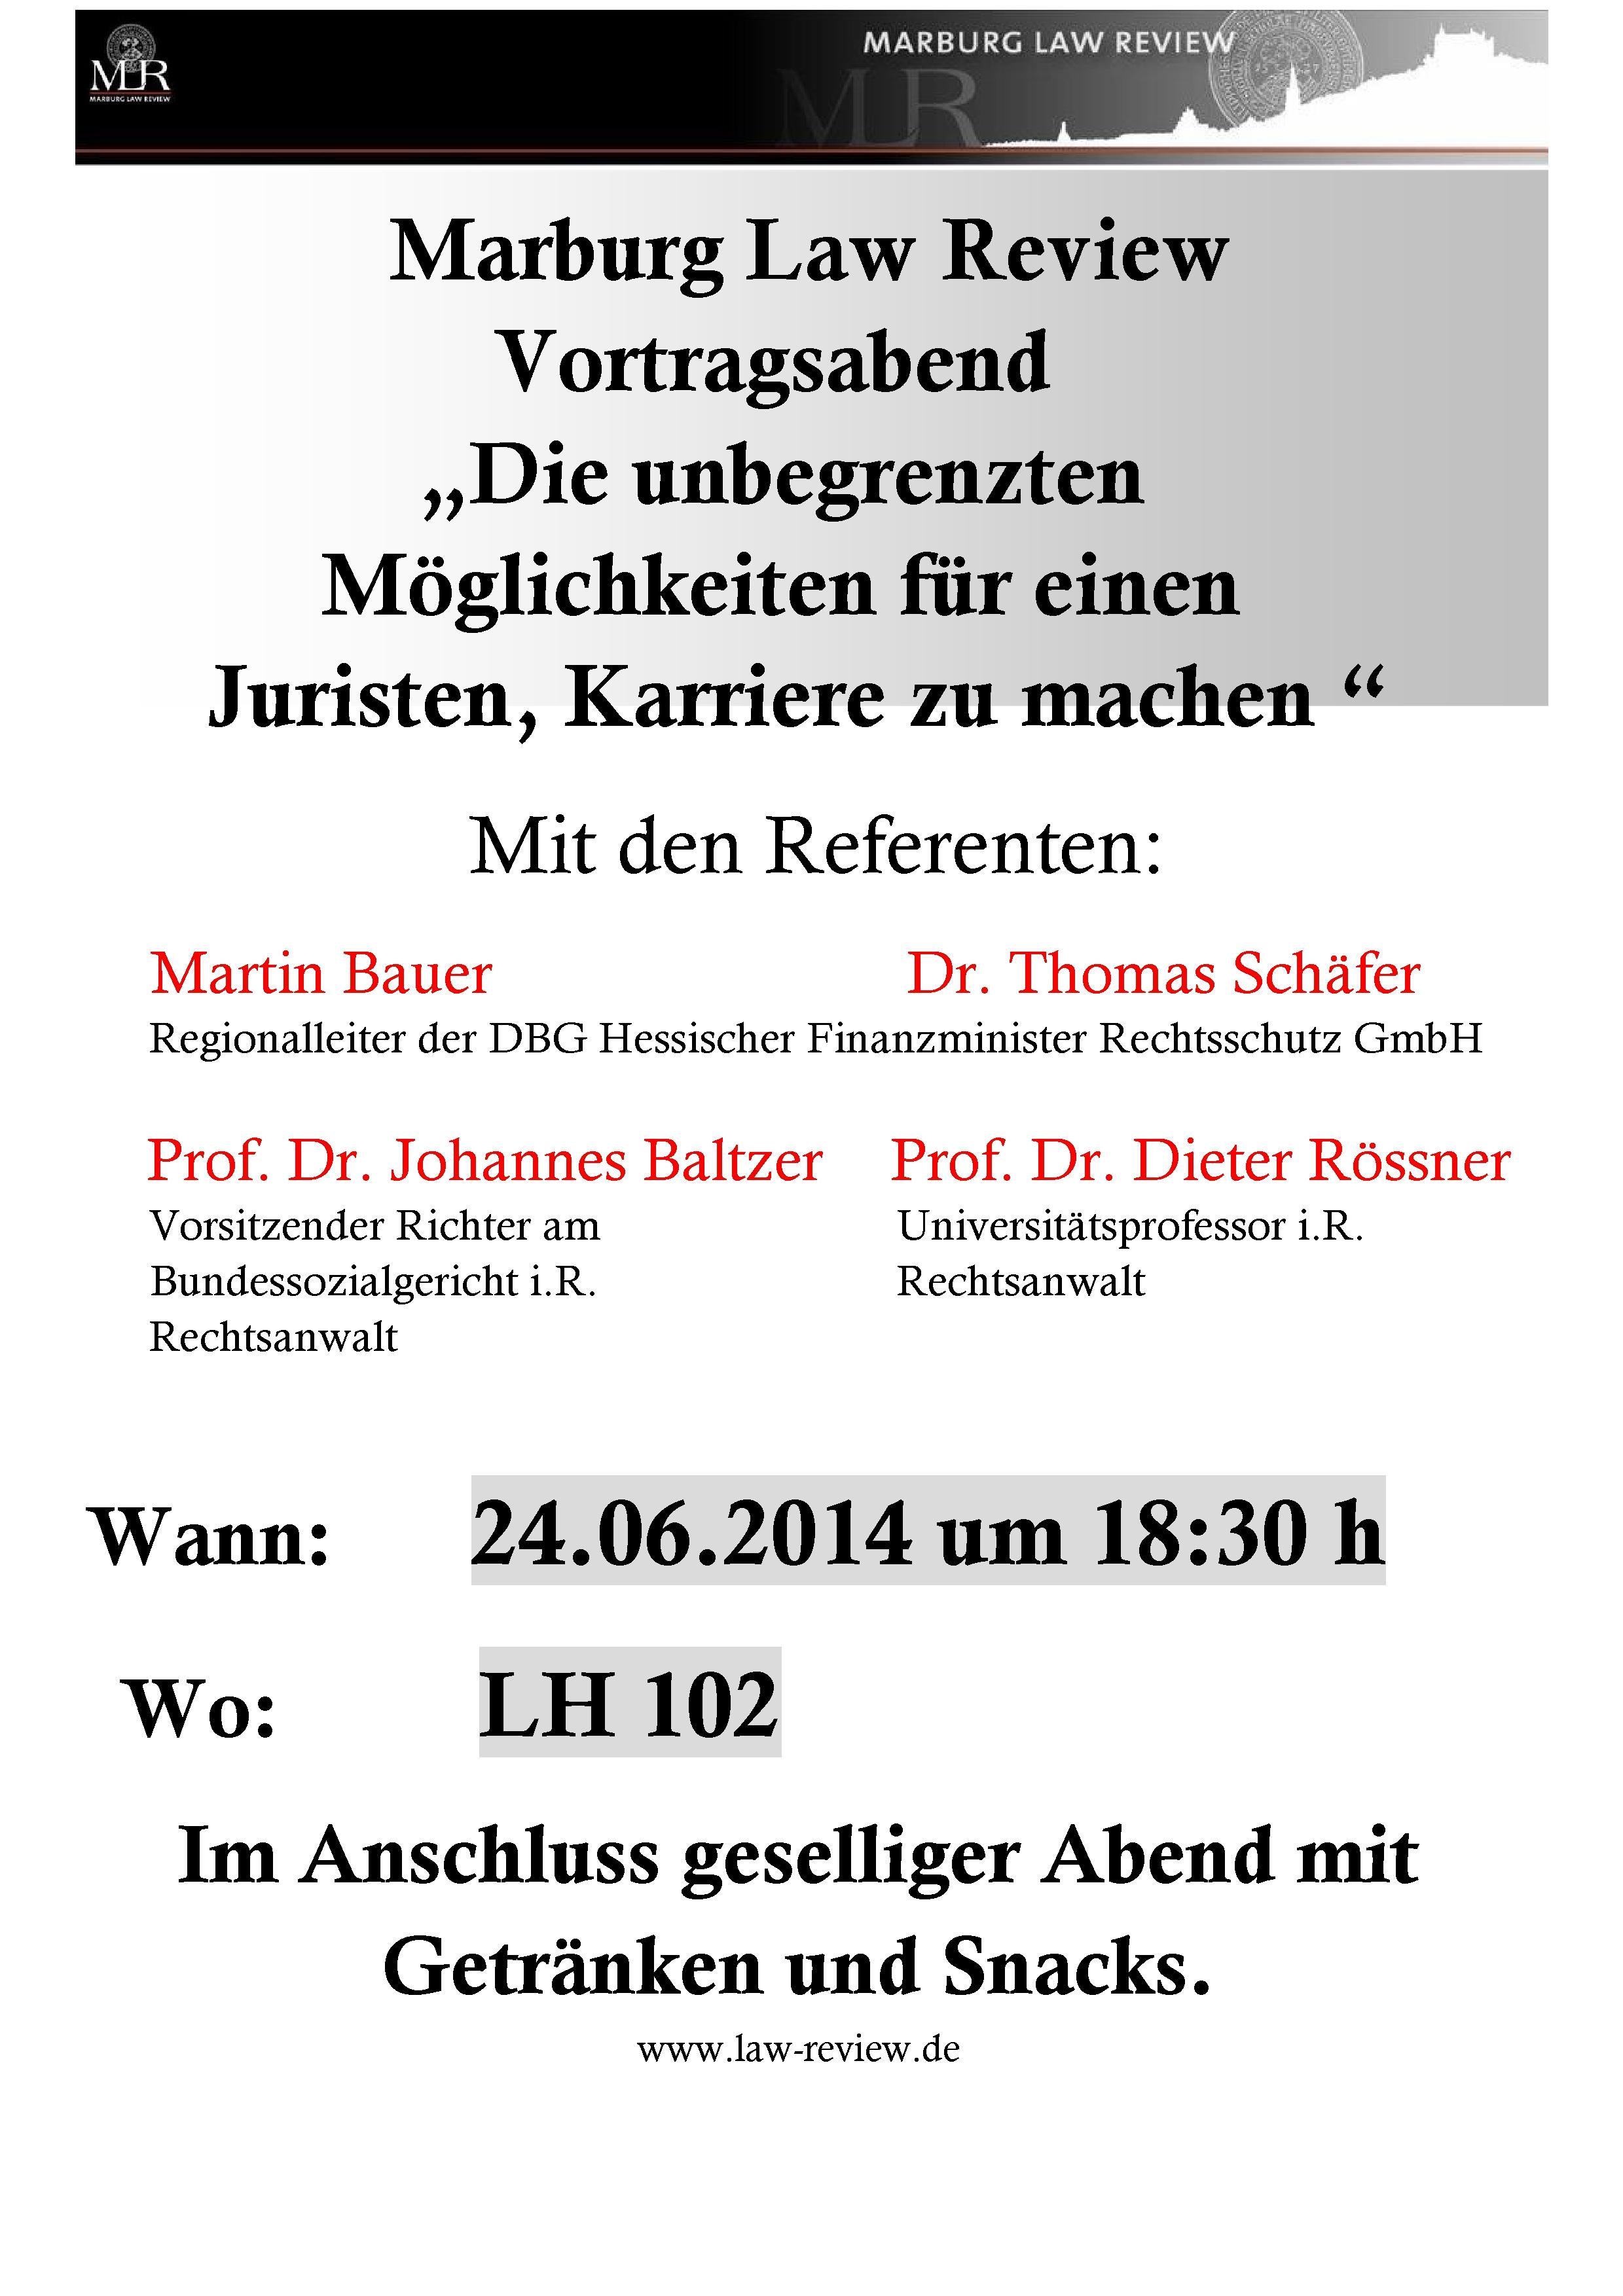 Plakat Vortragsabend 24.06.2014 jpeg